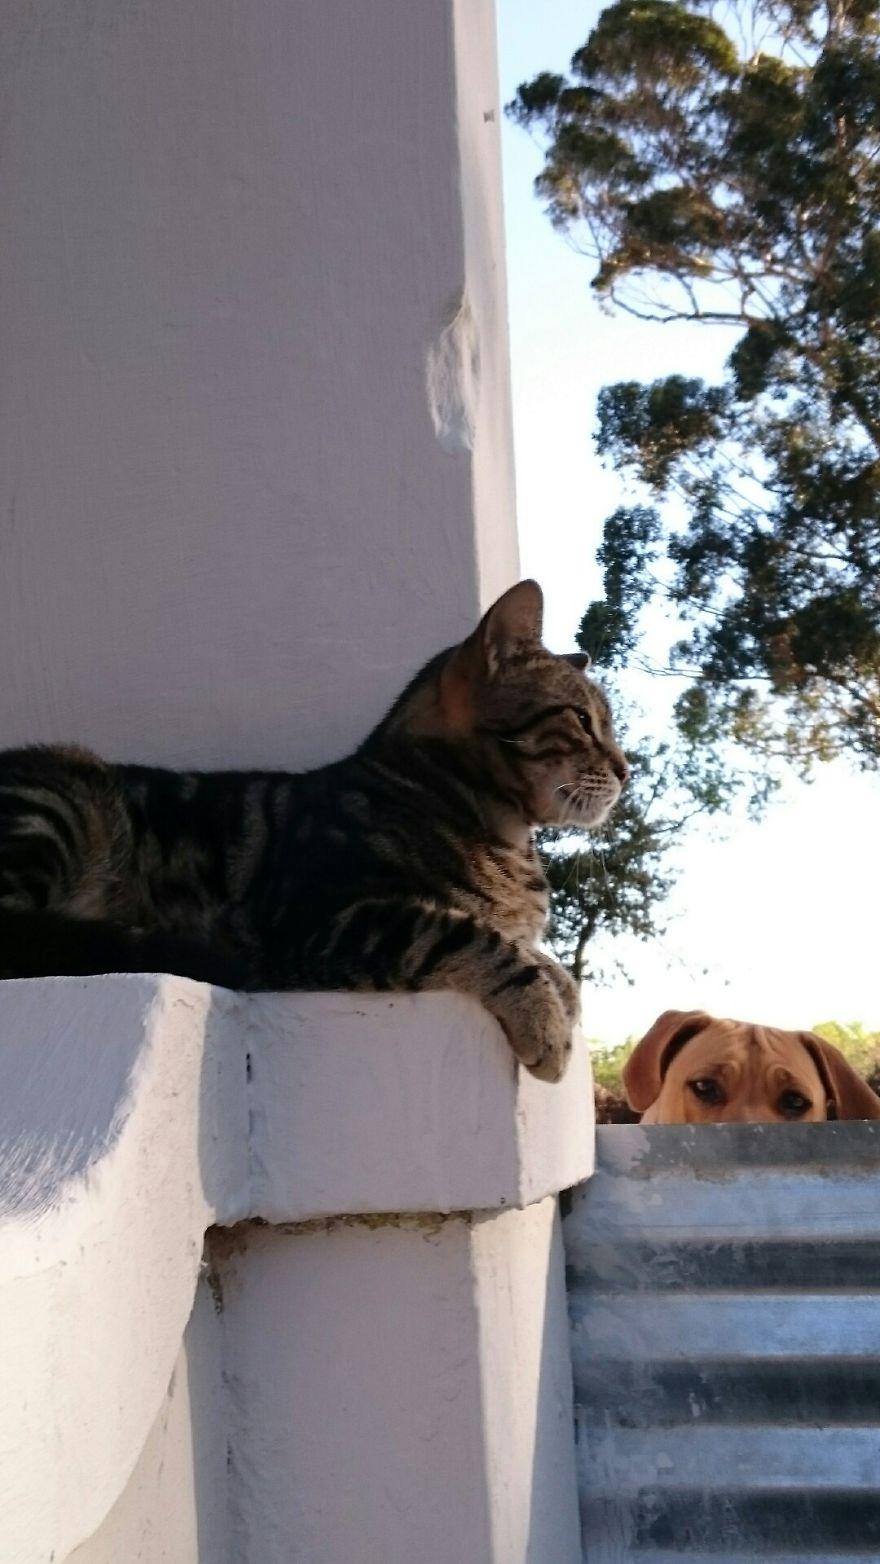 Dog Photo Bombing Cat